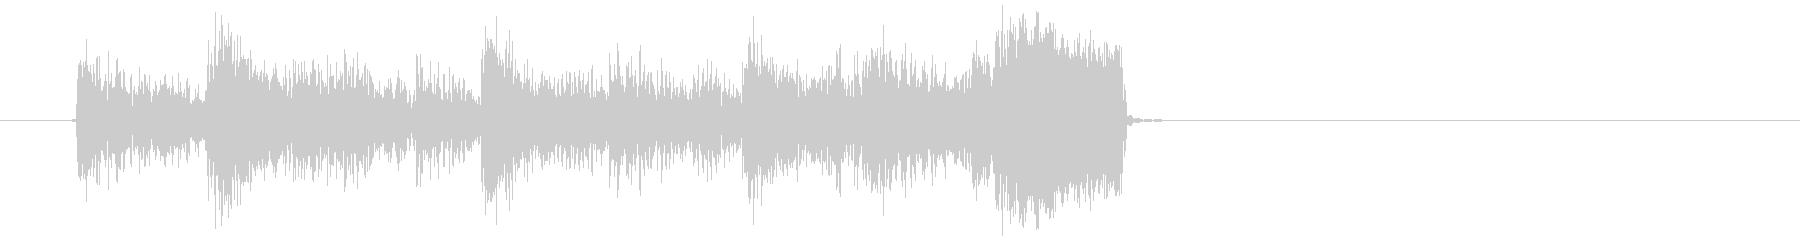 1960年代ゴーゴーサウンド・ジングルの未再生の波形